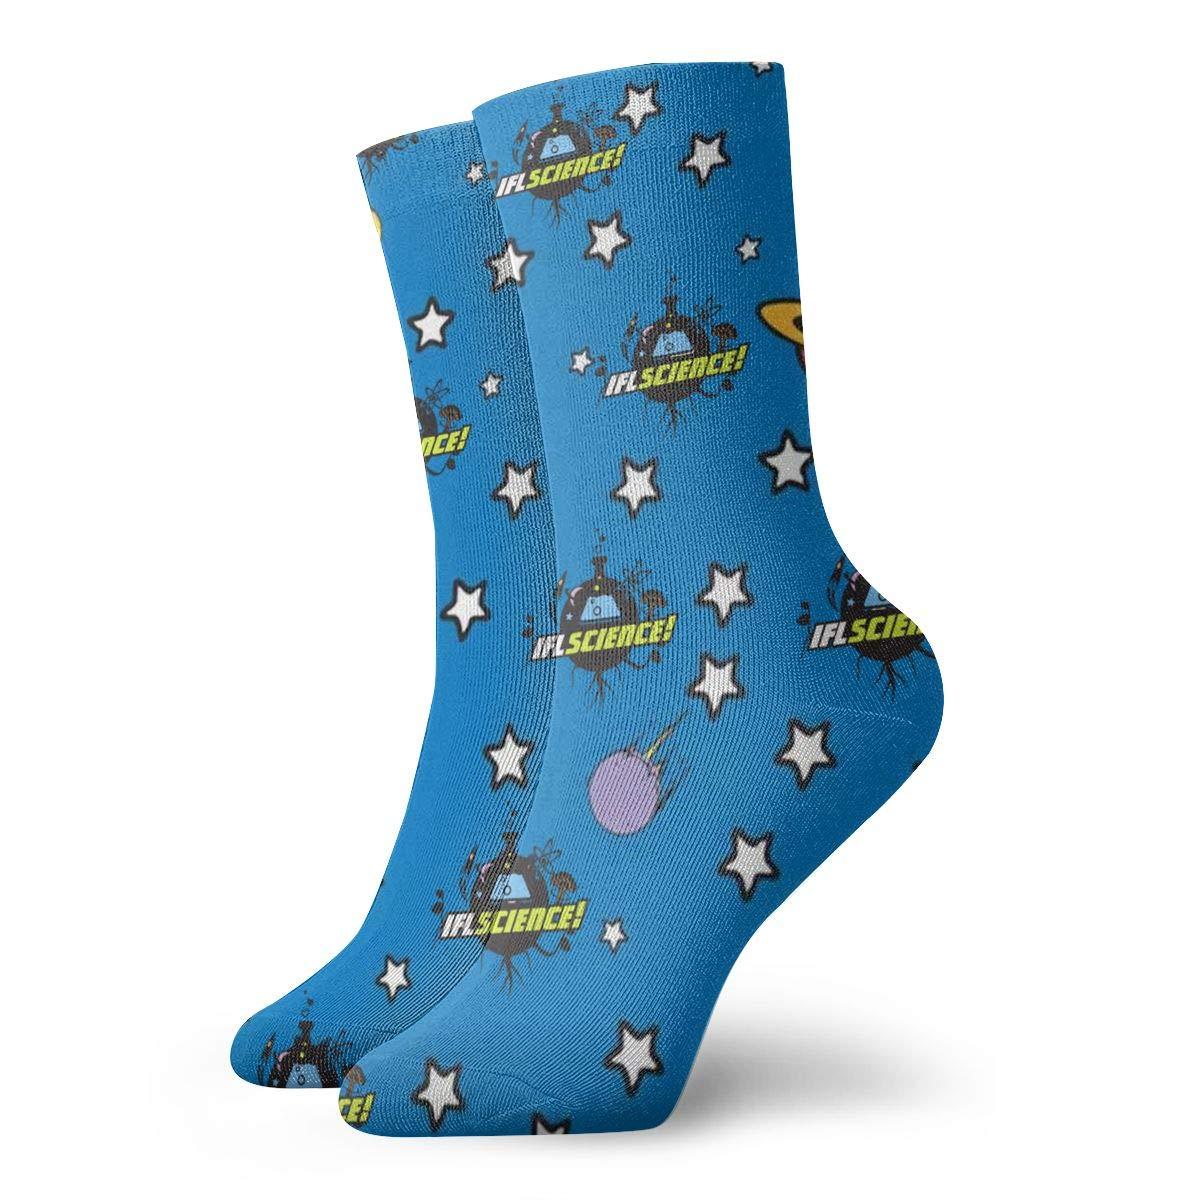 SESY Funny Scientist Unisex Crew Socks Short Sports Stocking